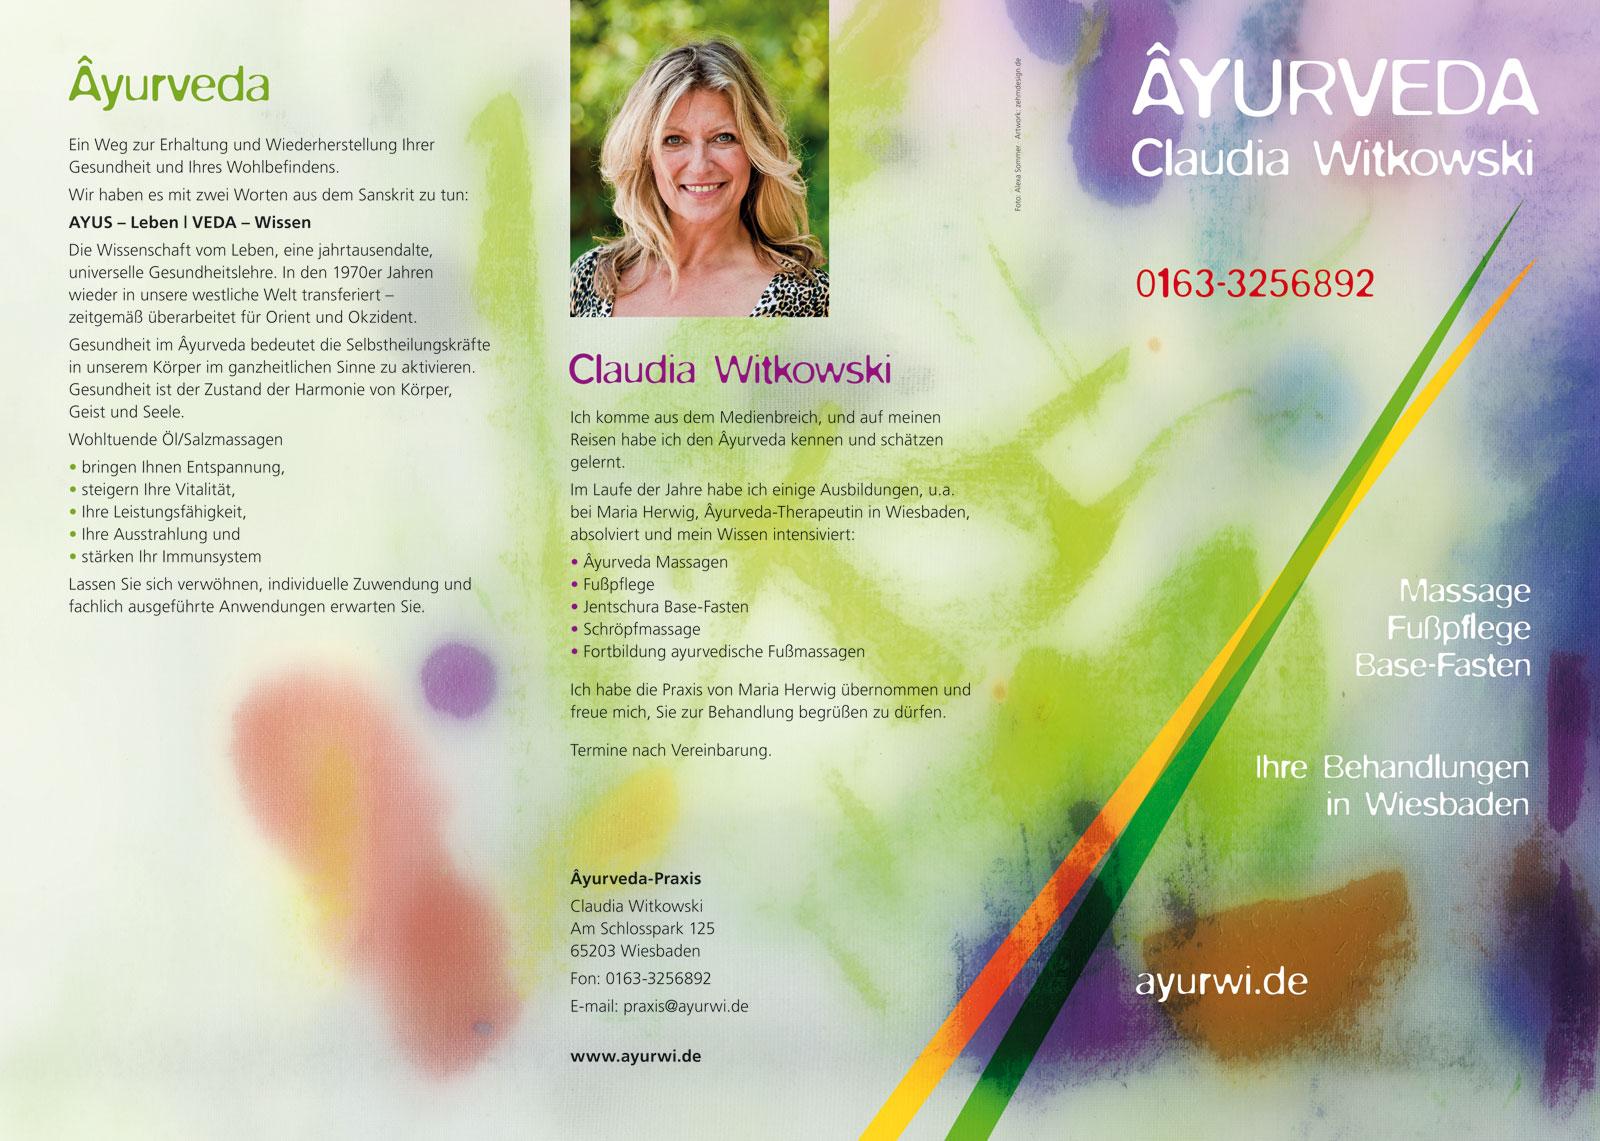 Ayurveda Claudia Witkowski Ayurwi Flyer